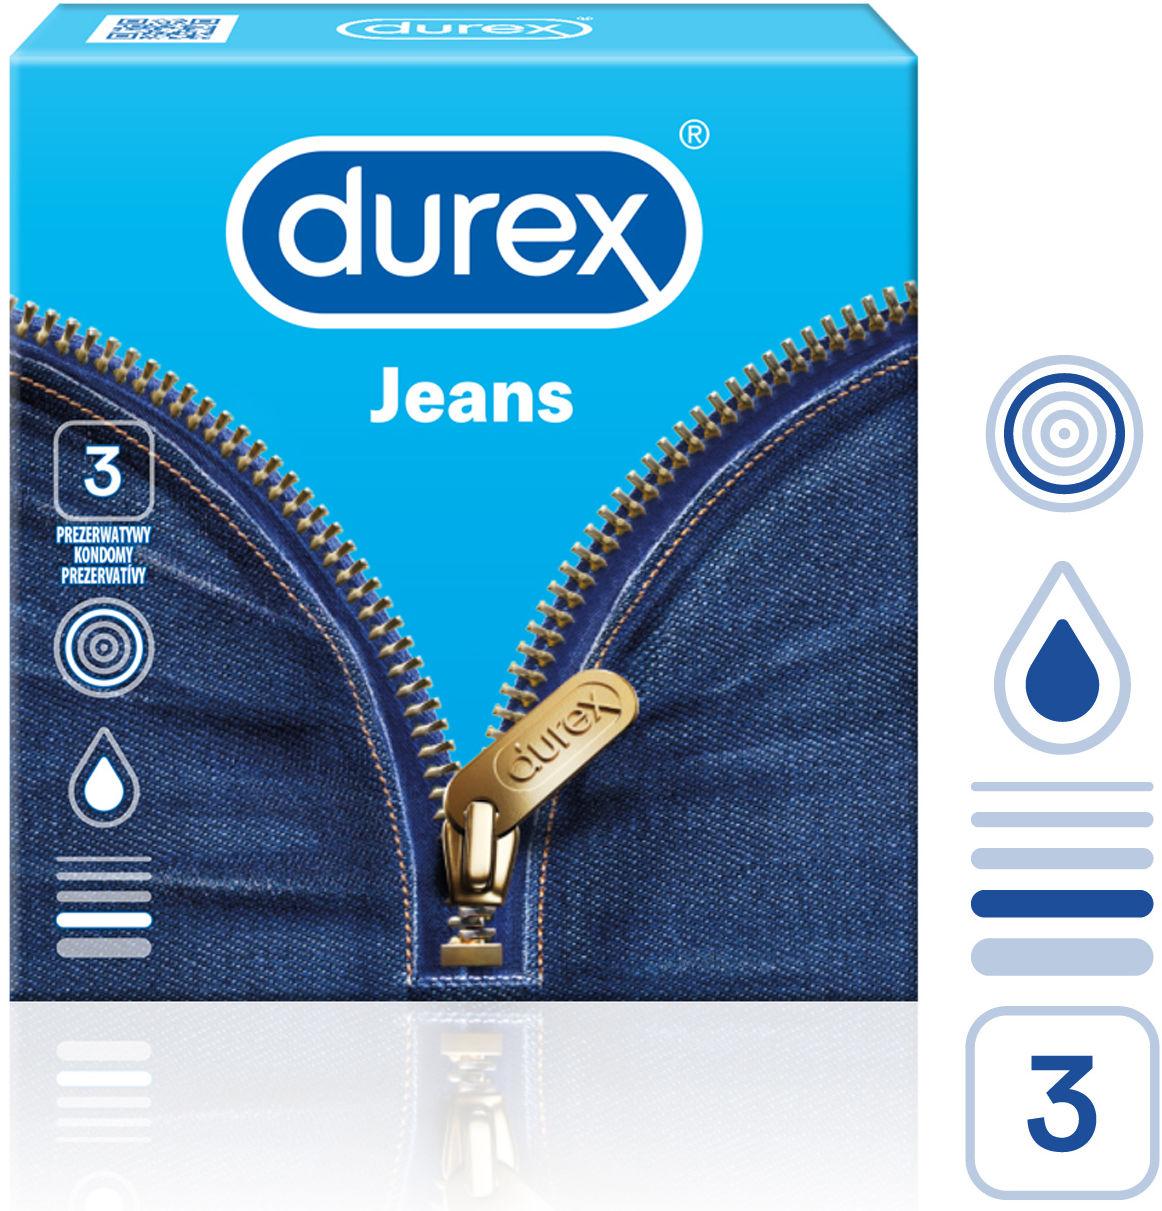 Durex Jeans 3 pack